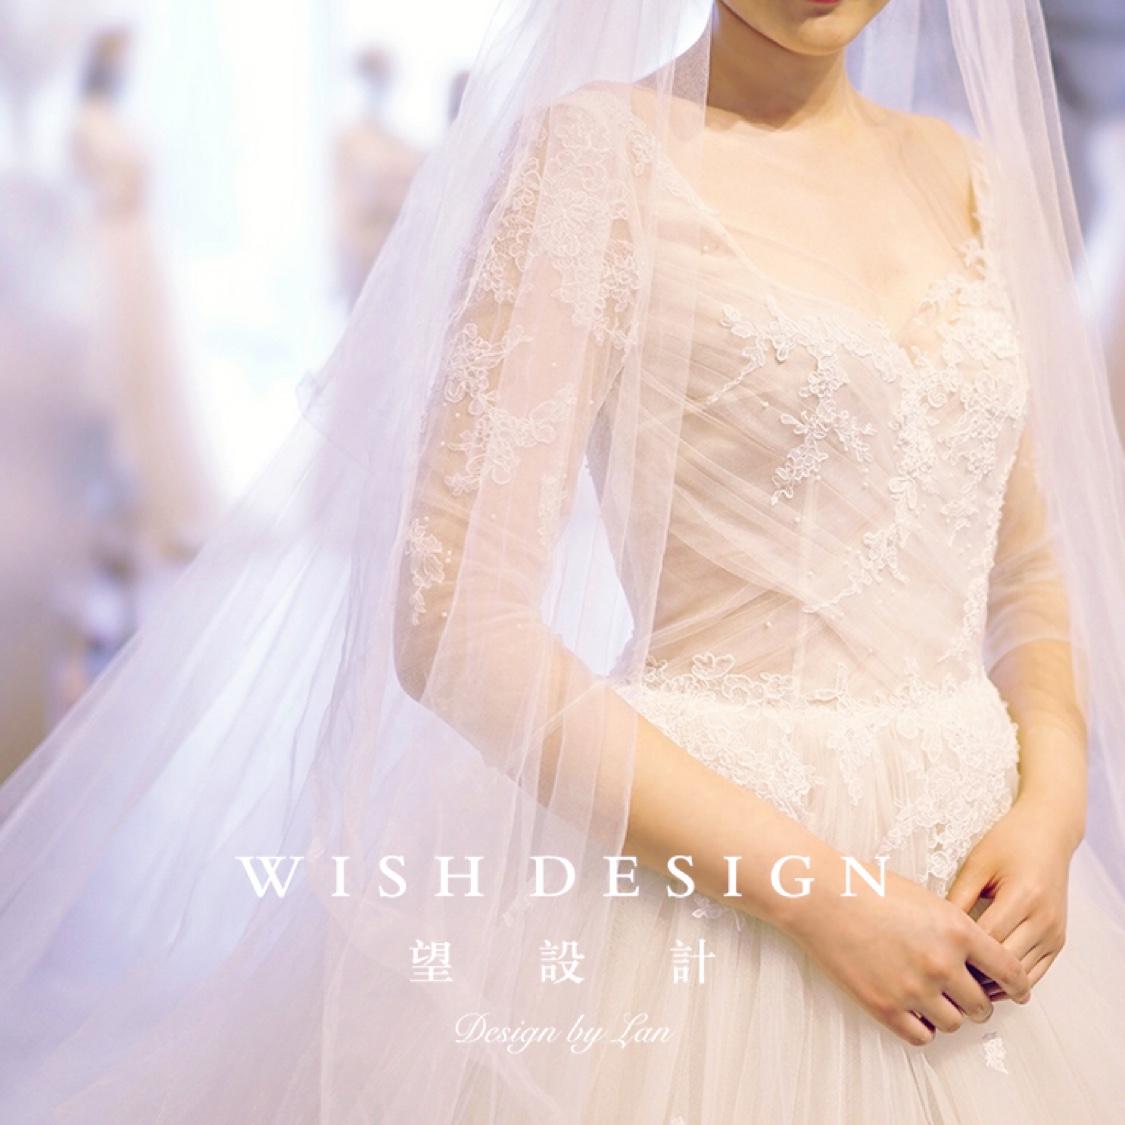 见证融入自己想法的婚纱诞生,也是一种幸福体验